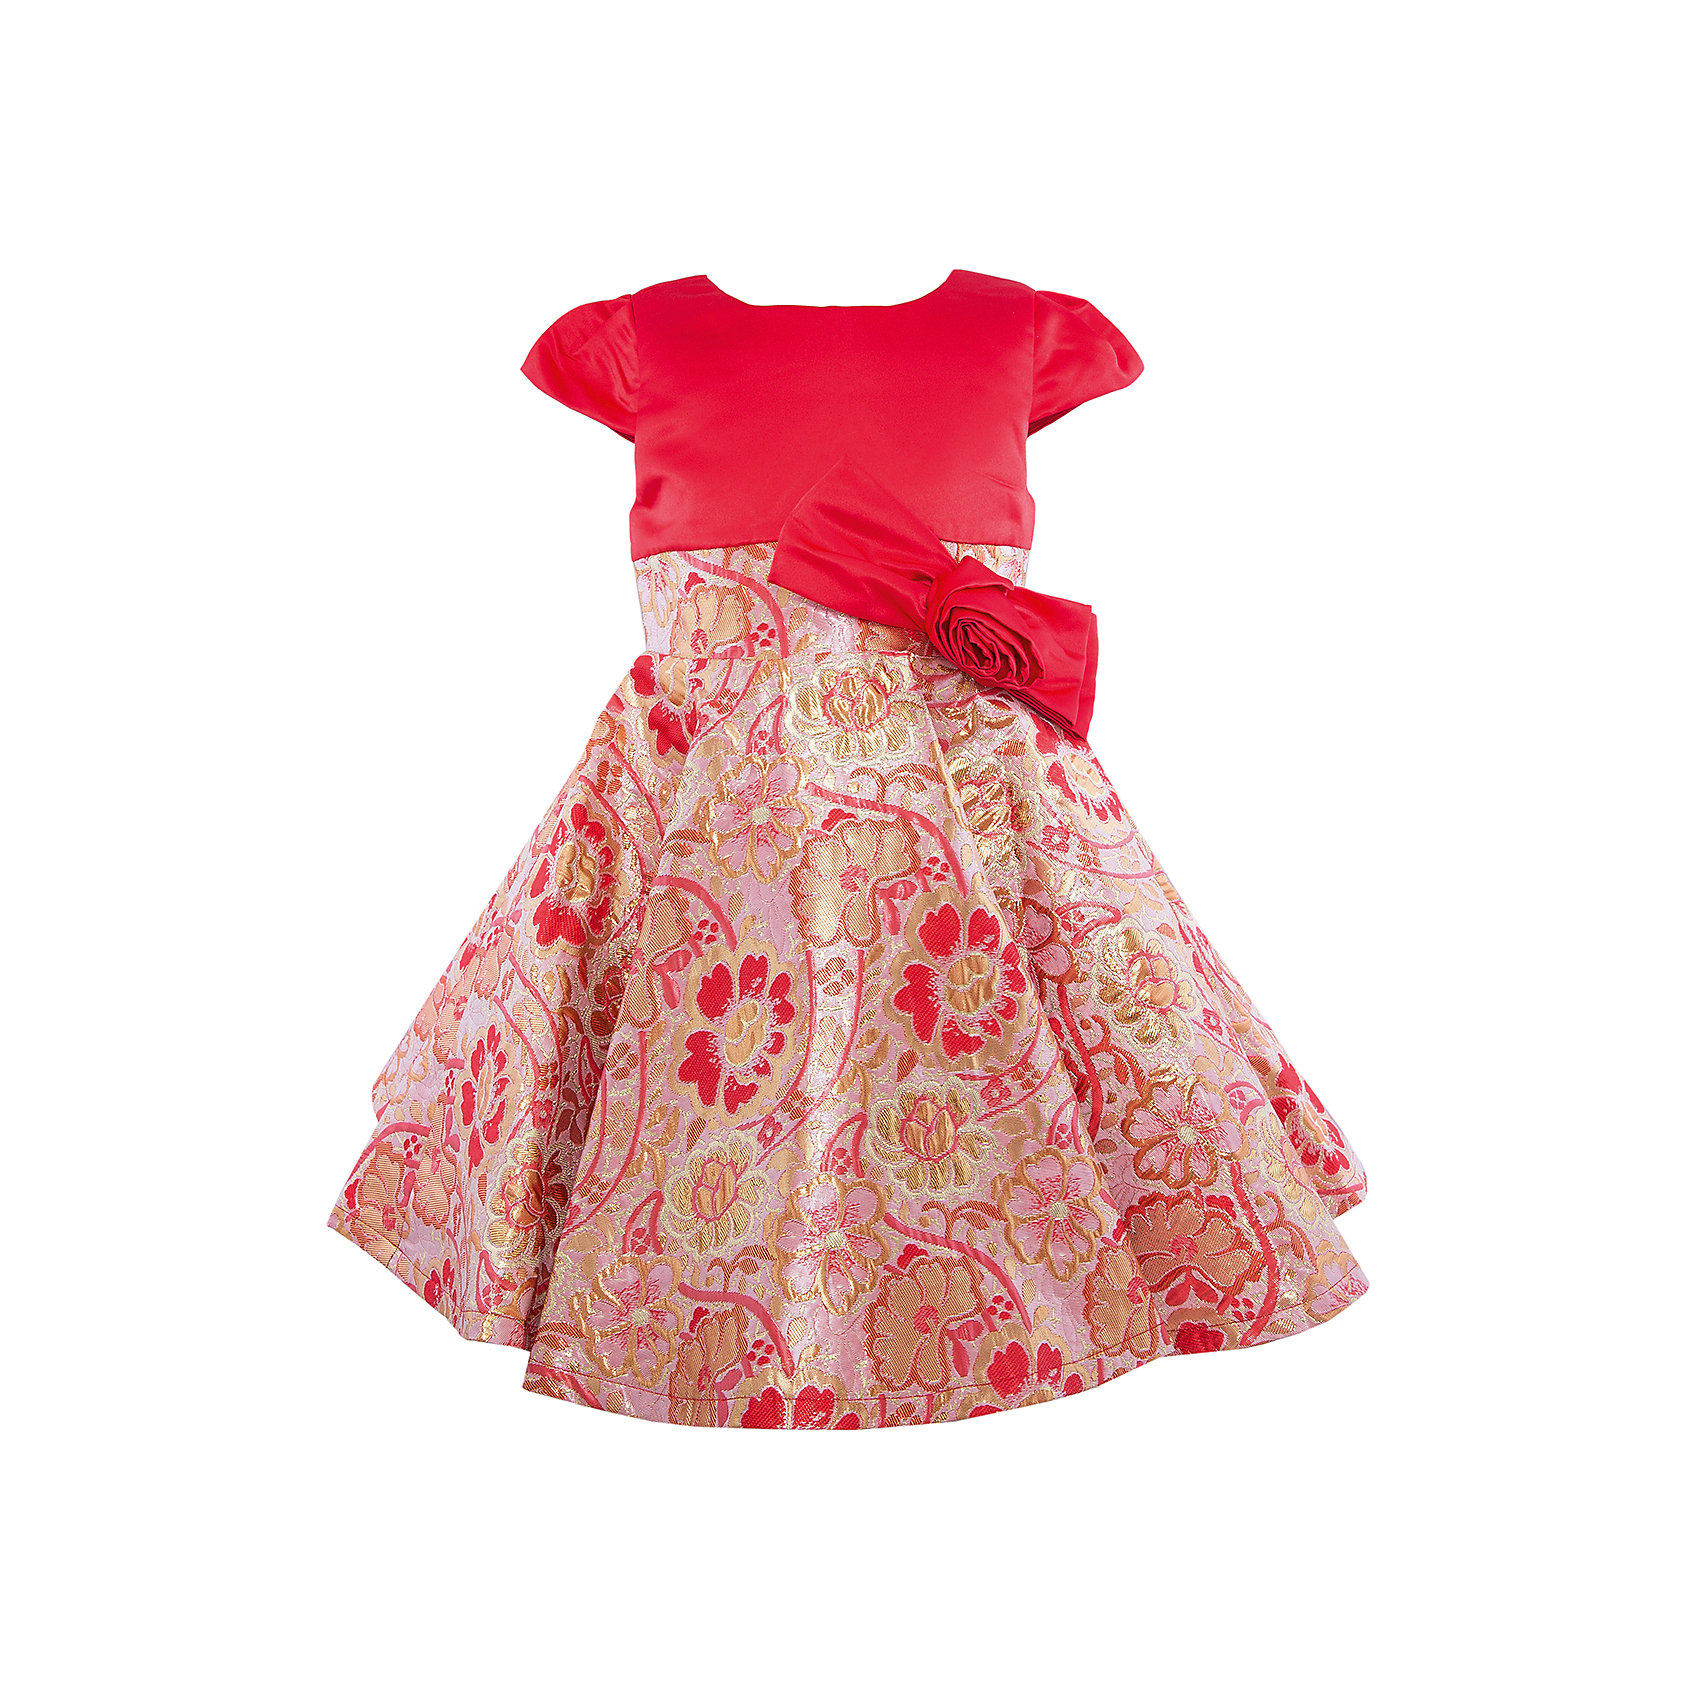 Нарядное платье для девочки Sweet BerryОдежда<br>Характеристики:<br><br>• Вид одежды: платье<br>• Предназначение: для праздника, торжеств<br>• Сезон: круглый год<br>• Материал: верх – 100% полиэстер; подкладка – 100% хлопок<br>• Цвет: красный, золотистый<br>• Силуэт: классический А-силуэт<br>• Длина платья: миди<br>• Вырез горловины: круглый<br>• Наличие банта с объемной розой<br>• Застежка: молния на спинке<br>• Особенности ухода: ручная стирка без применения отбеливающих средств, глажение при низкой температуре <br><br>Sweet Berry – это производитель, который сочетает в своей одежде функциональность, качество, стиль и следование современным мировым тенденциям в детской текстильной индустрии. <br>Комбинированное платье для девочки от знаменитого производителя детской одежды Sweet Berry выполнено из полиэстера с хлопковой подкладкой. Изделие имеет классический силуэт с отрезной талией и пышную юбку-солнце. Пышность и объем юбке придает подъюбник. Полочка выполнена из красного атласа, юбка из ткани в жаккардовый цветочный узор золотистого цвета. Талия декорирована бантом с объемной розой. Праздничное платье от Sweet Berry – это залог успеха вашего ребенка на любом торжестве!<br><br>Платье для девочки Sweet Berry можно купить в нашем интернет-магазине.<br><br>Ширина мм: 236<br>Глубина мм: 16<br>Высота мм: 184<br>Вес г: 177<br>Цвет: красный<br>Возраст от месяцев: 36<br>Возраст до месяцев: 48<br>Пол: Женский<br>Возраст: Детский<br>Размер: 104,98,110,116,122,128<br>SKU: 5052133